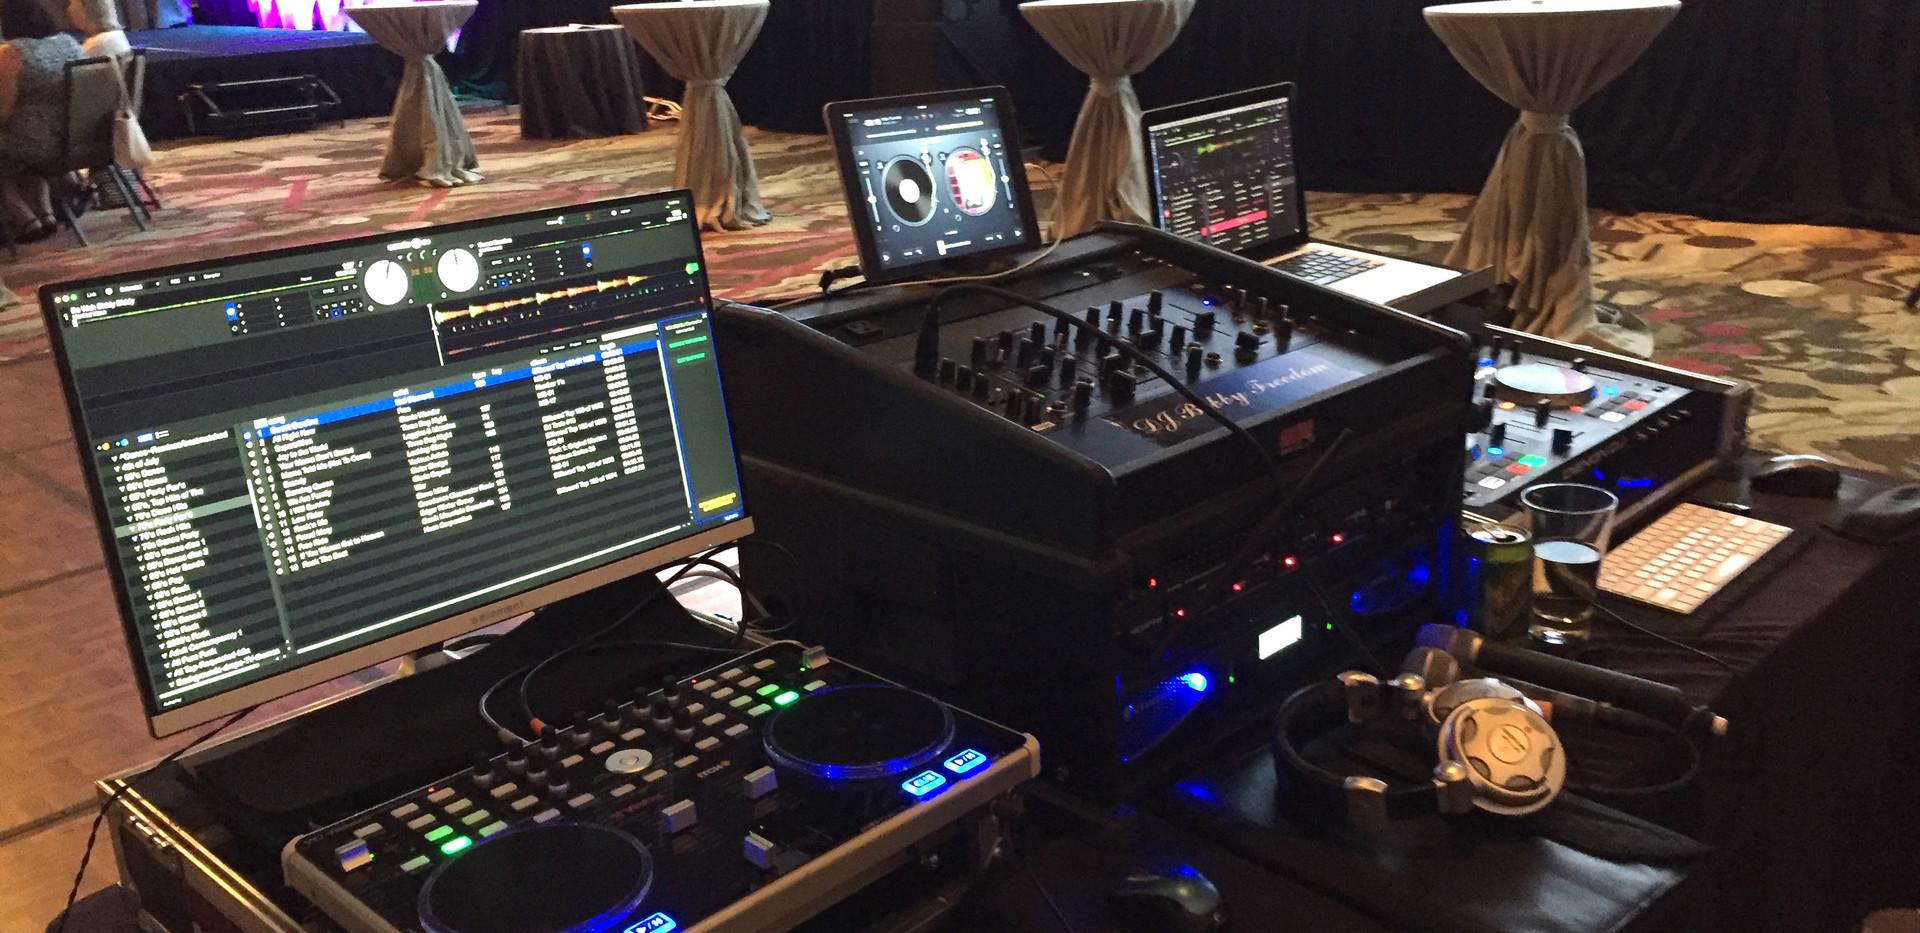 corporate-event-dj-charlotte.jpg